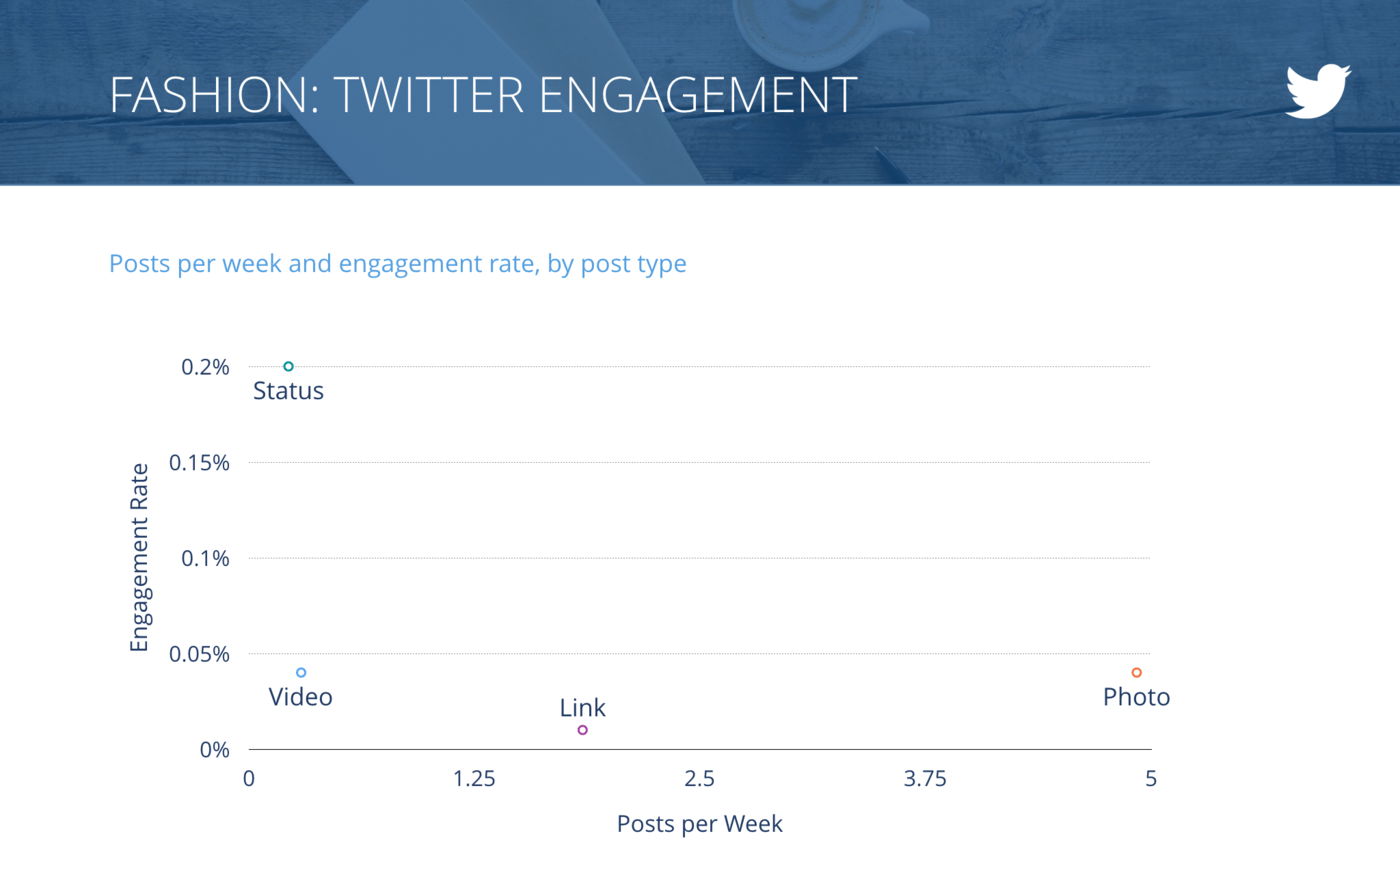 slide for Tweets per Week vs. Engagement Rate per Tweet, Fashion Brands